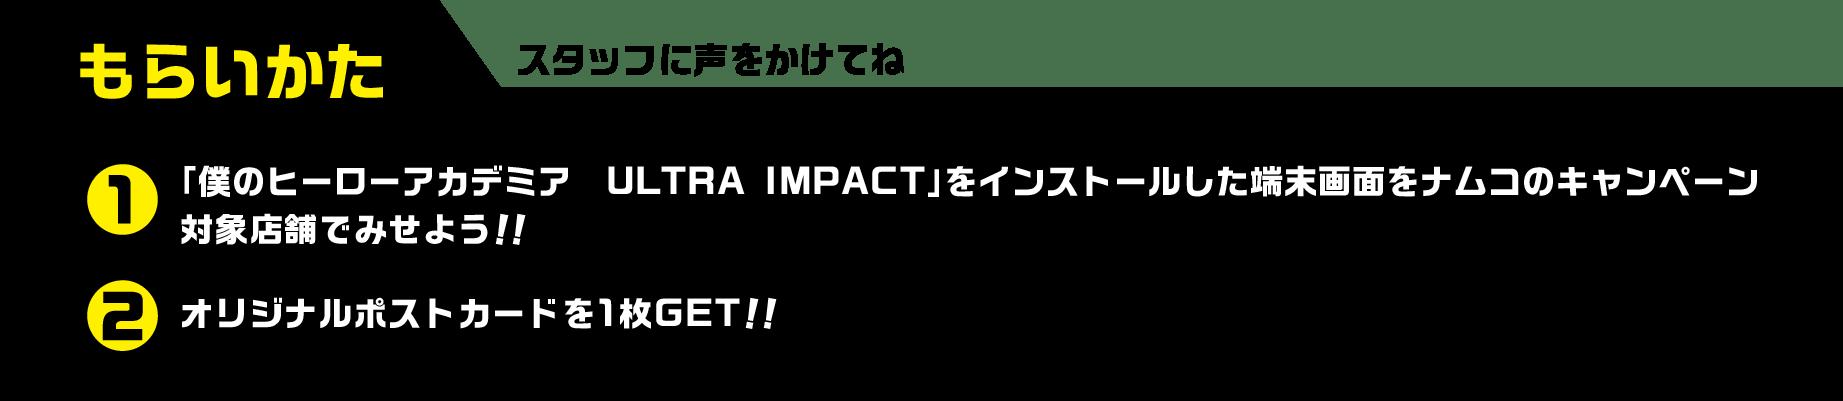 もらいかた 1「僕のヒーローアカデミア ULTRA IMPACT」をインストールした端末画面をナムコのキャンペーン対象店舗でみせよう!!2オオリジナルポストカードを1枚GET!!スタッフに声をかけてね